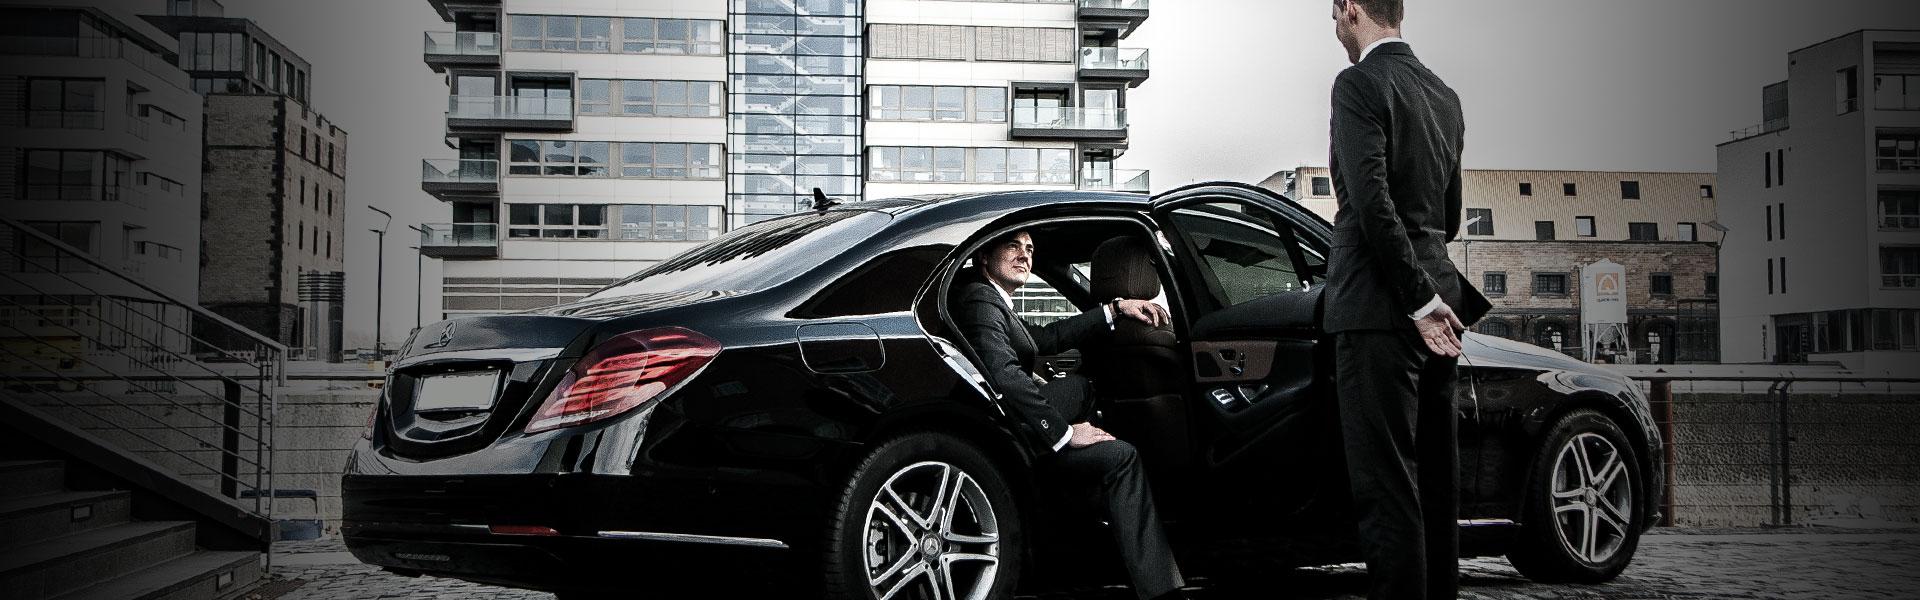 chauffeur priv bordeaux service affaires. Black Bedroom Furniture Sets. Home Design Ideas